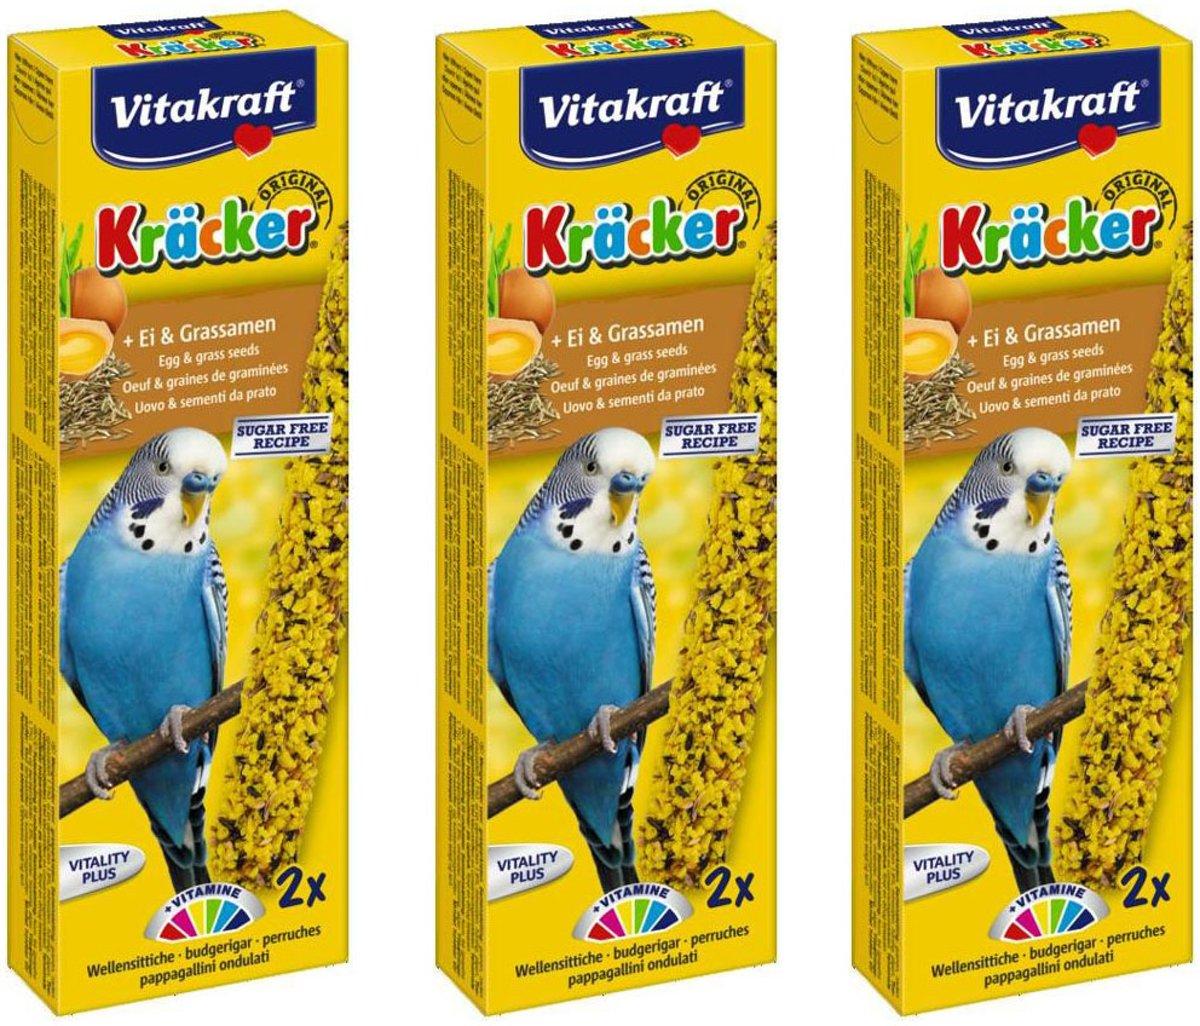 Lekkere Snack voor Parkiet Ei & Graszaad Per 3 stuks kopen